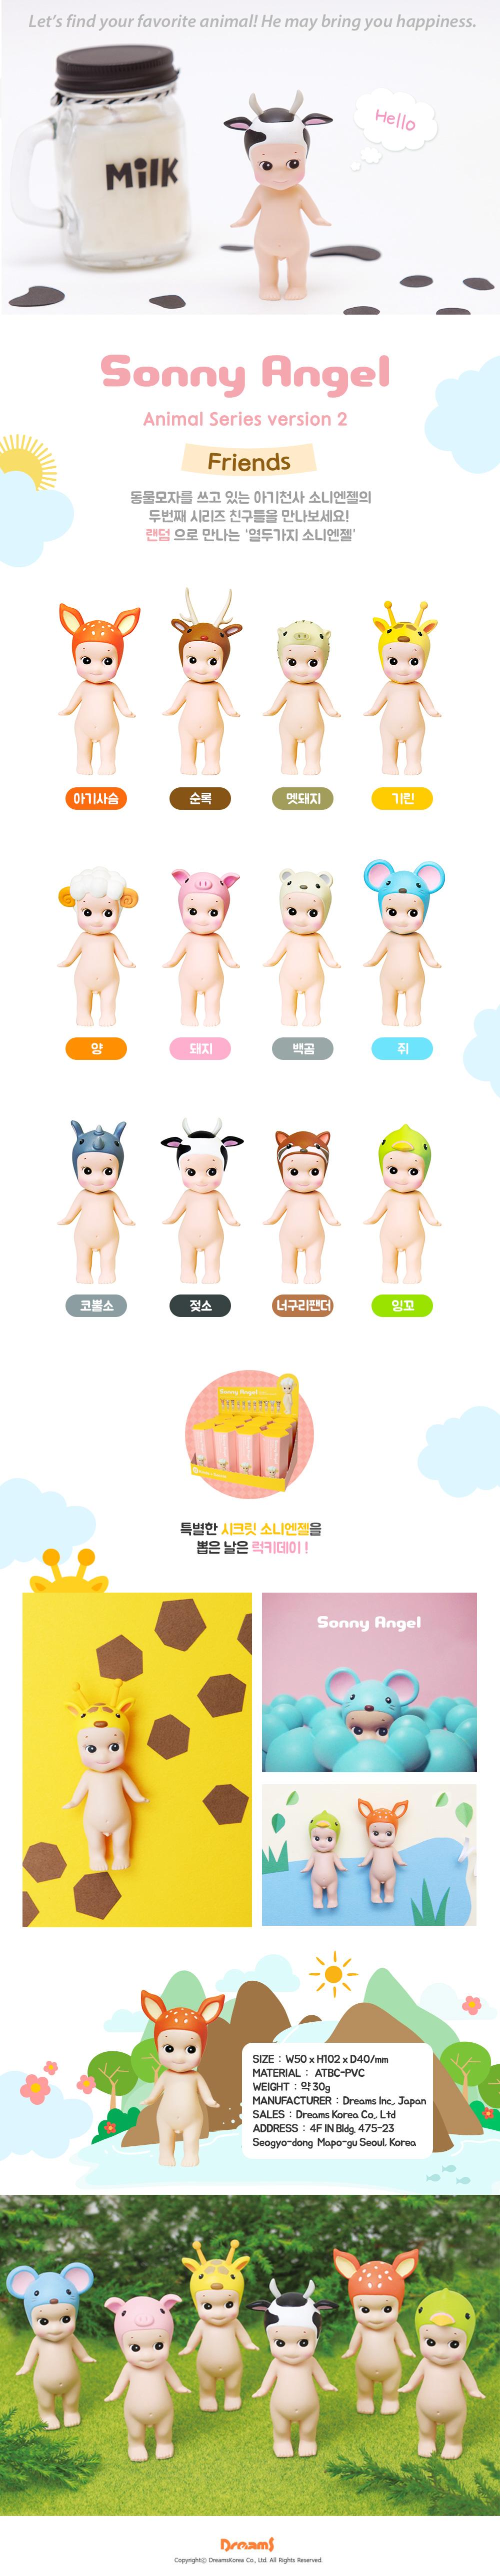 [드림즈코리아 정품 소니엔젤] 미니피규어_Animal 2 ver (박스) - 소니엔젤, 82,800원, 캐릭터 피규어, 소니엔젤